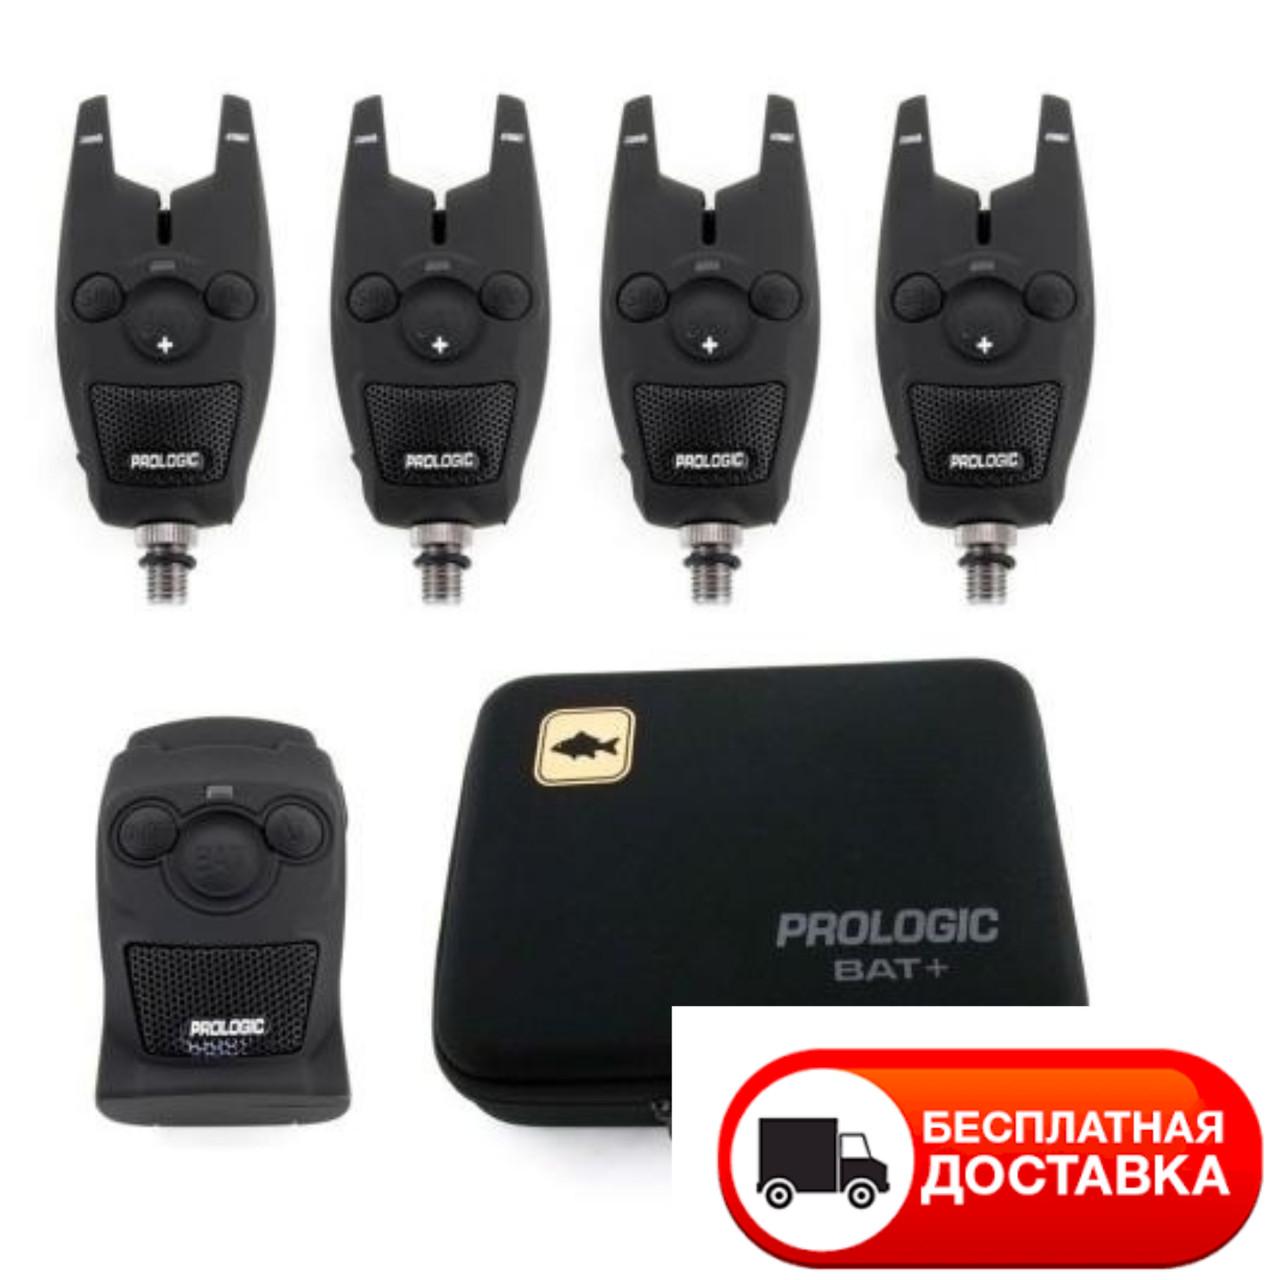 Набор сигнализаторов Prologic BAT+ Bite Alarm Set 4+1 синий